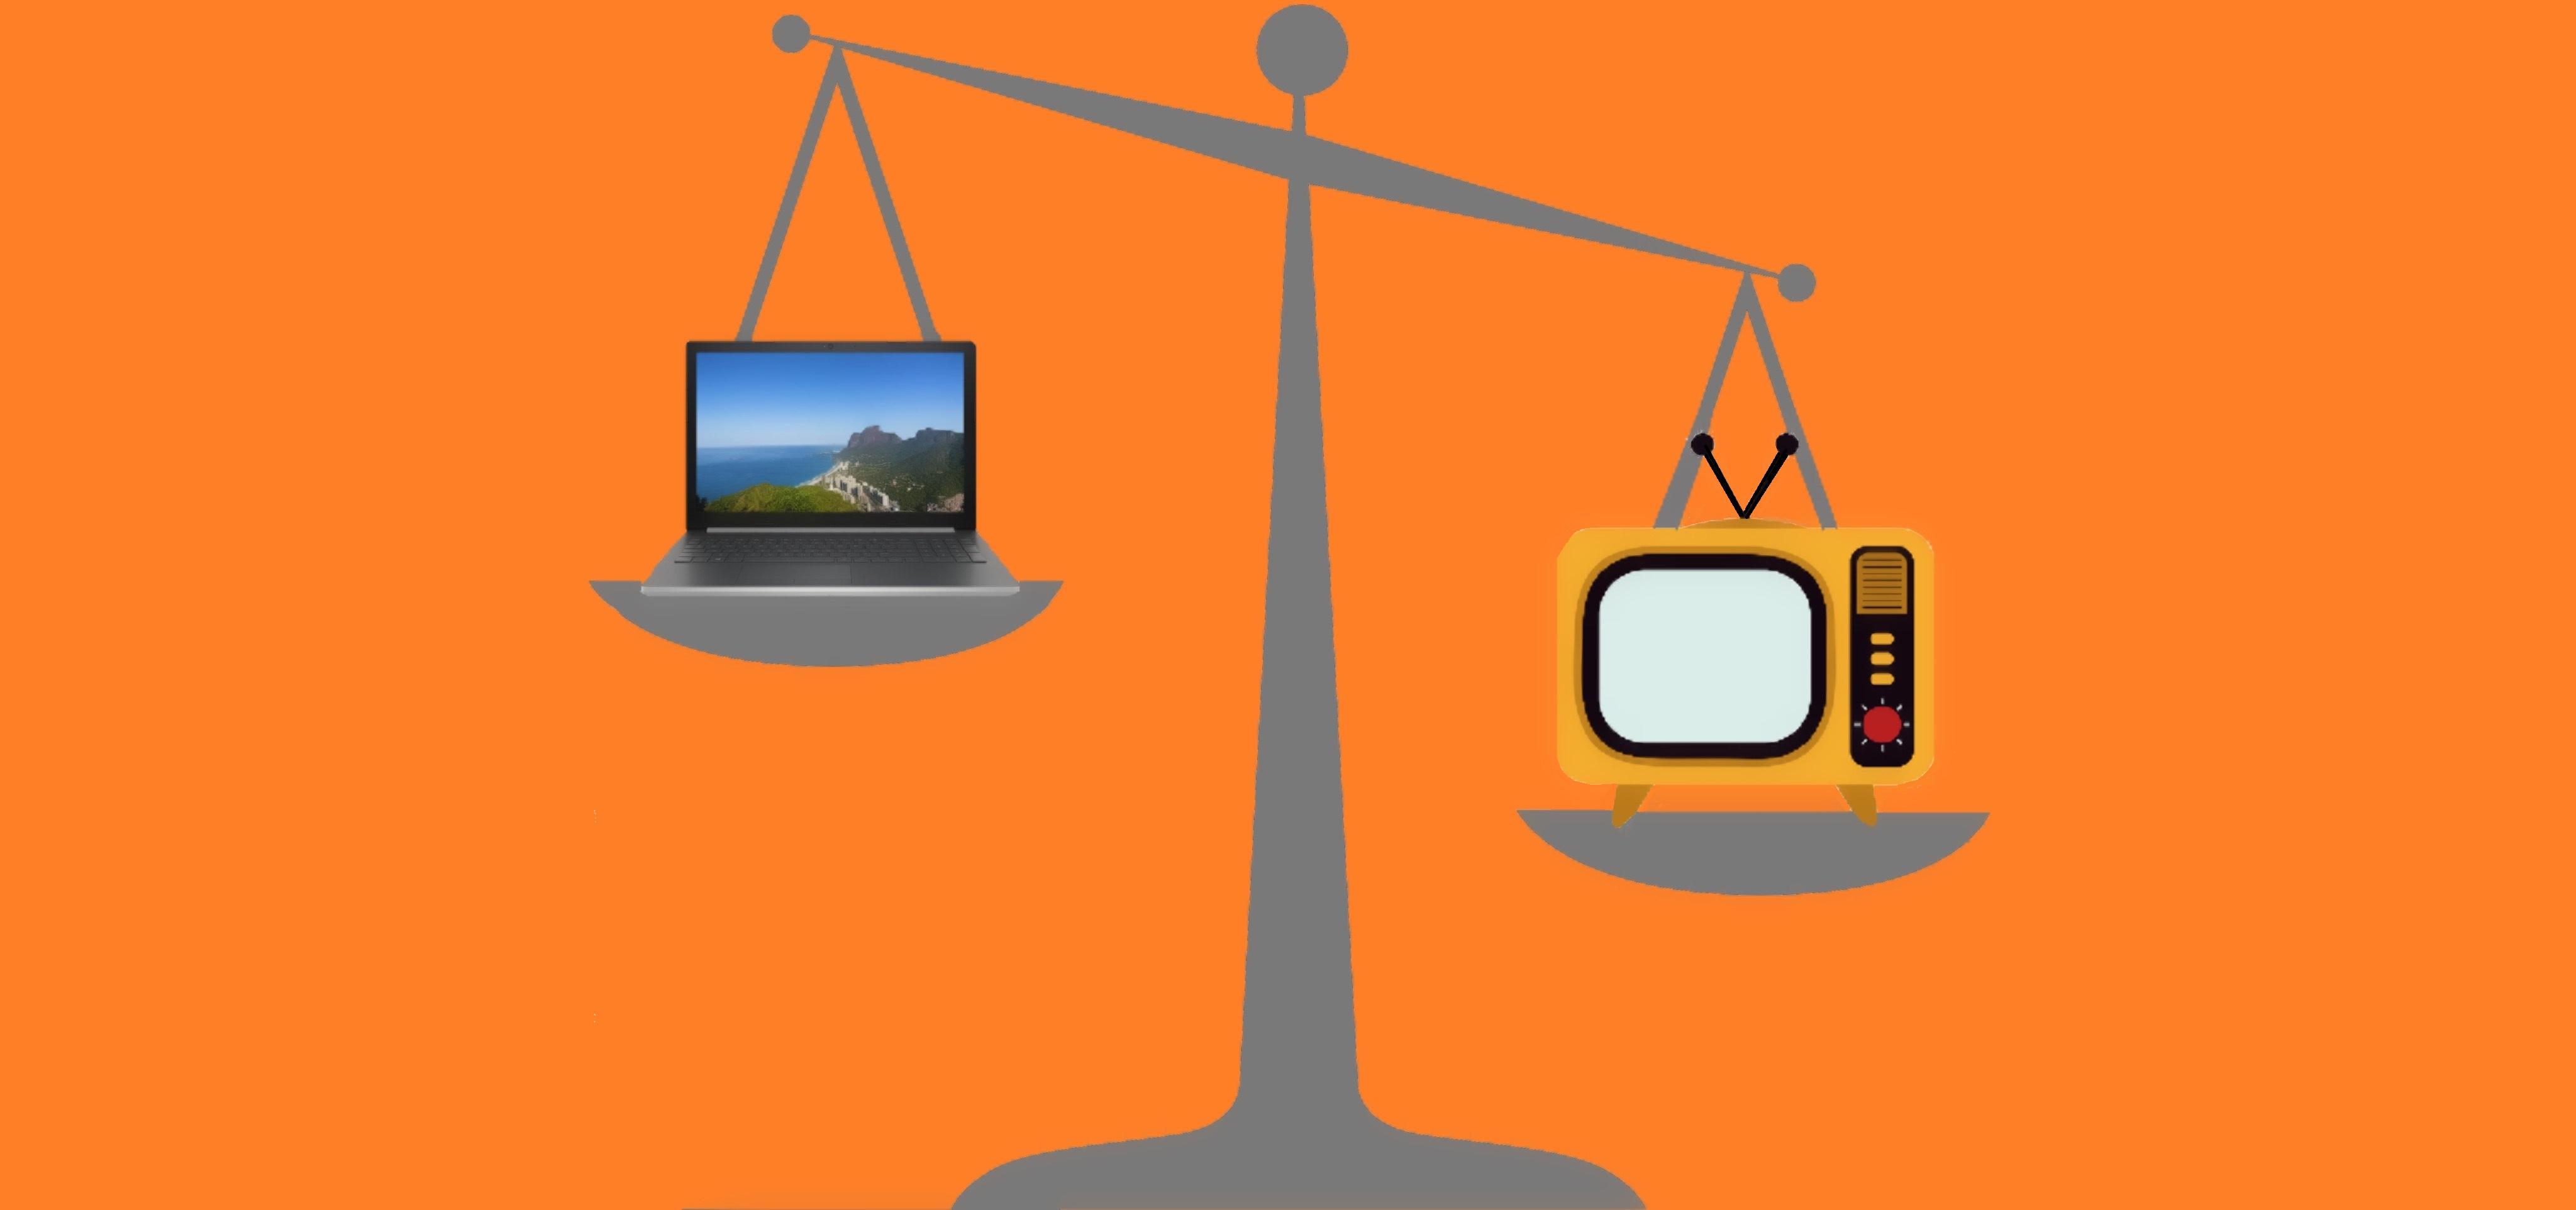 ტელევიზია თუ ინტერნეტი?